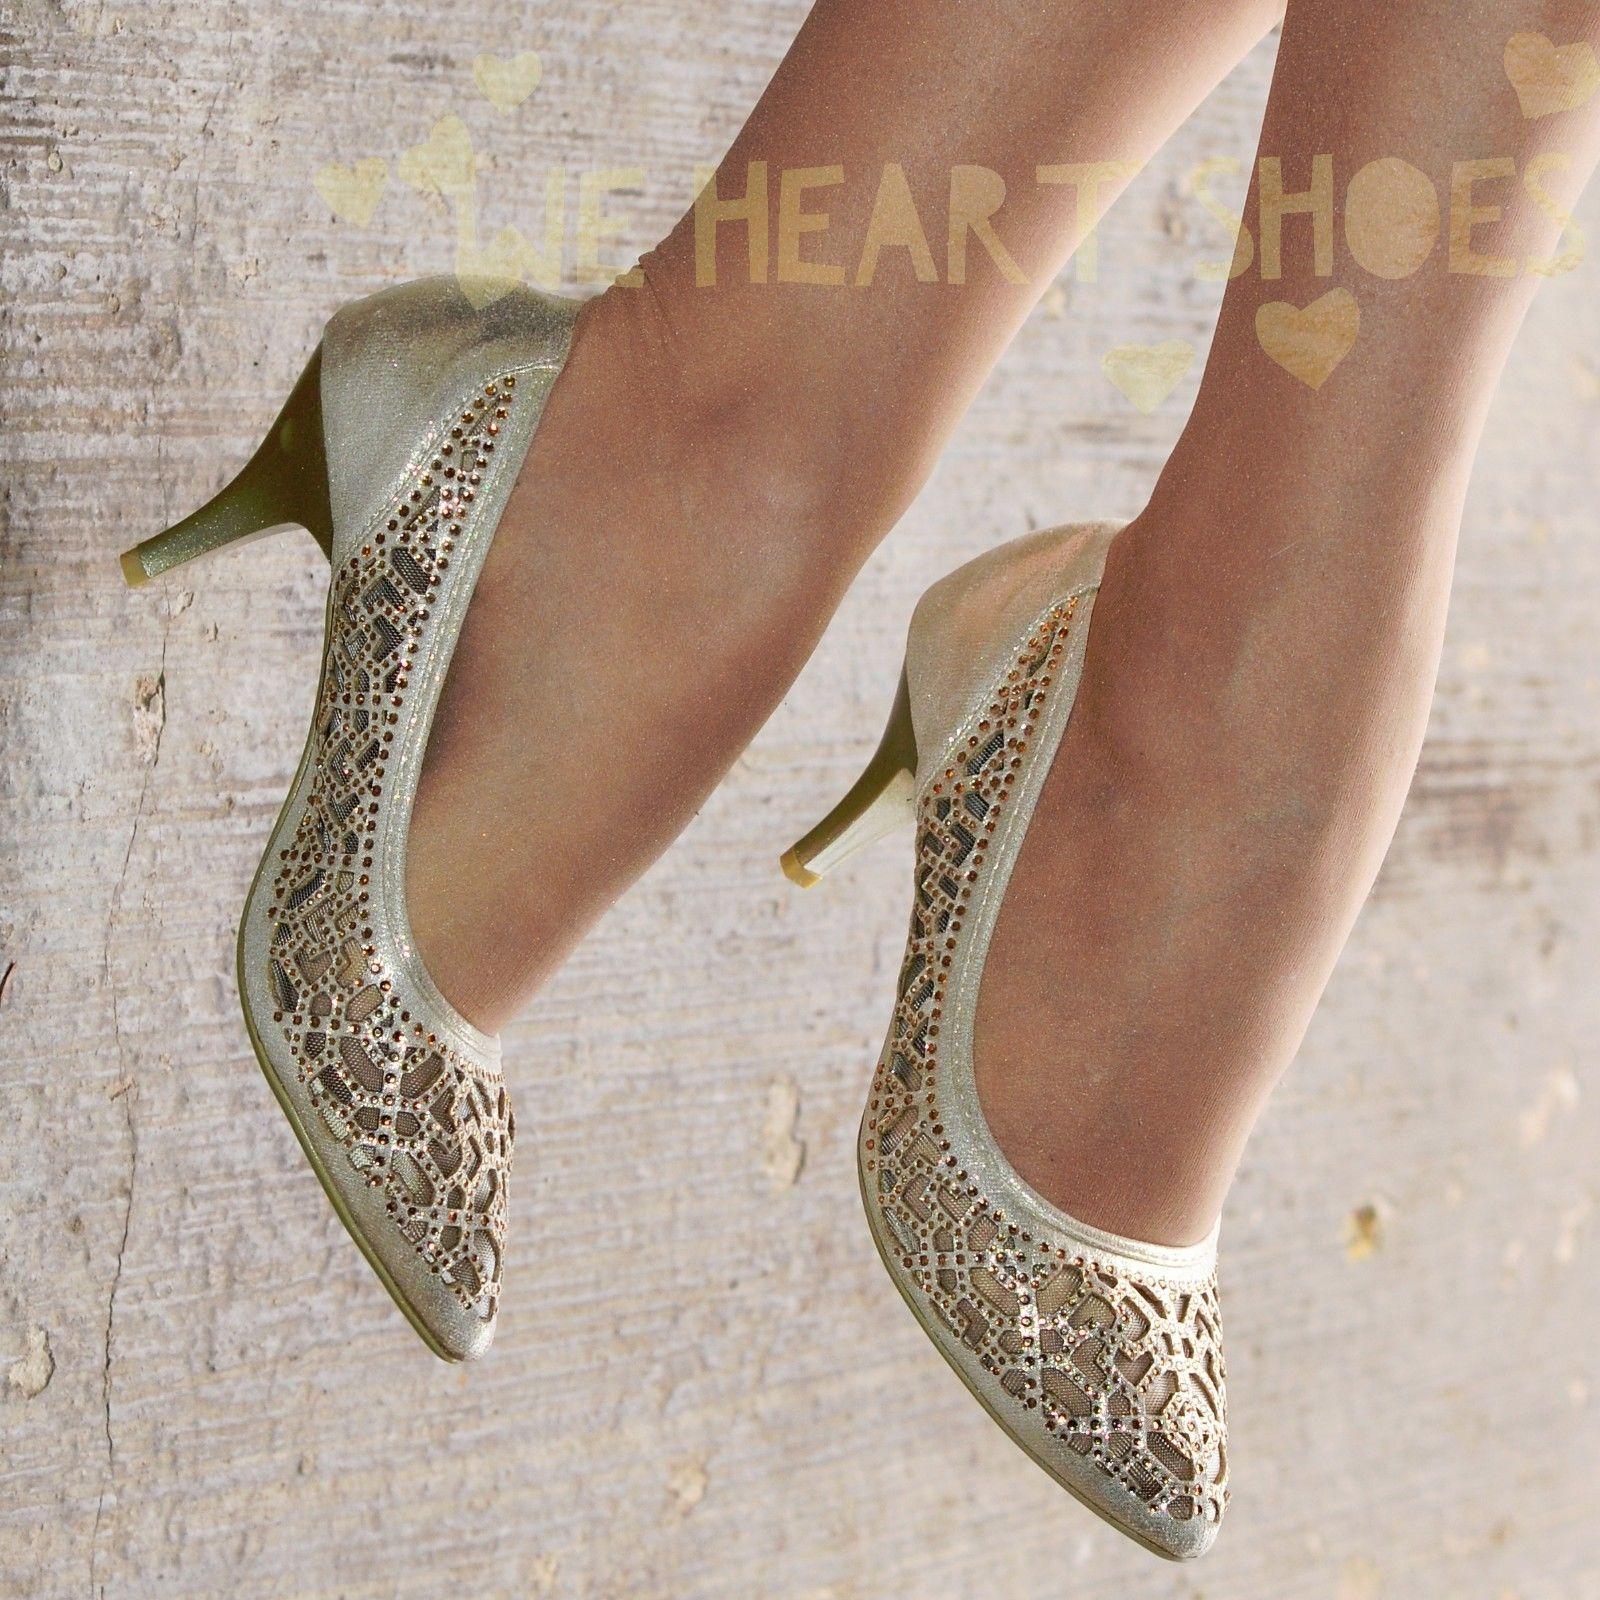 Stříbrné plesové střevíčky, sandálky - Obrázek č. 2